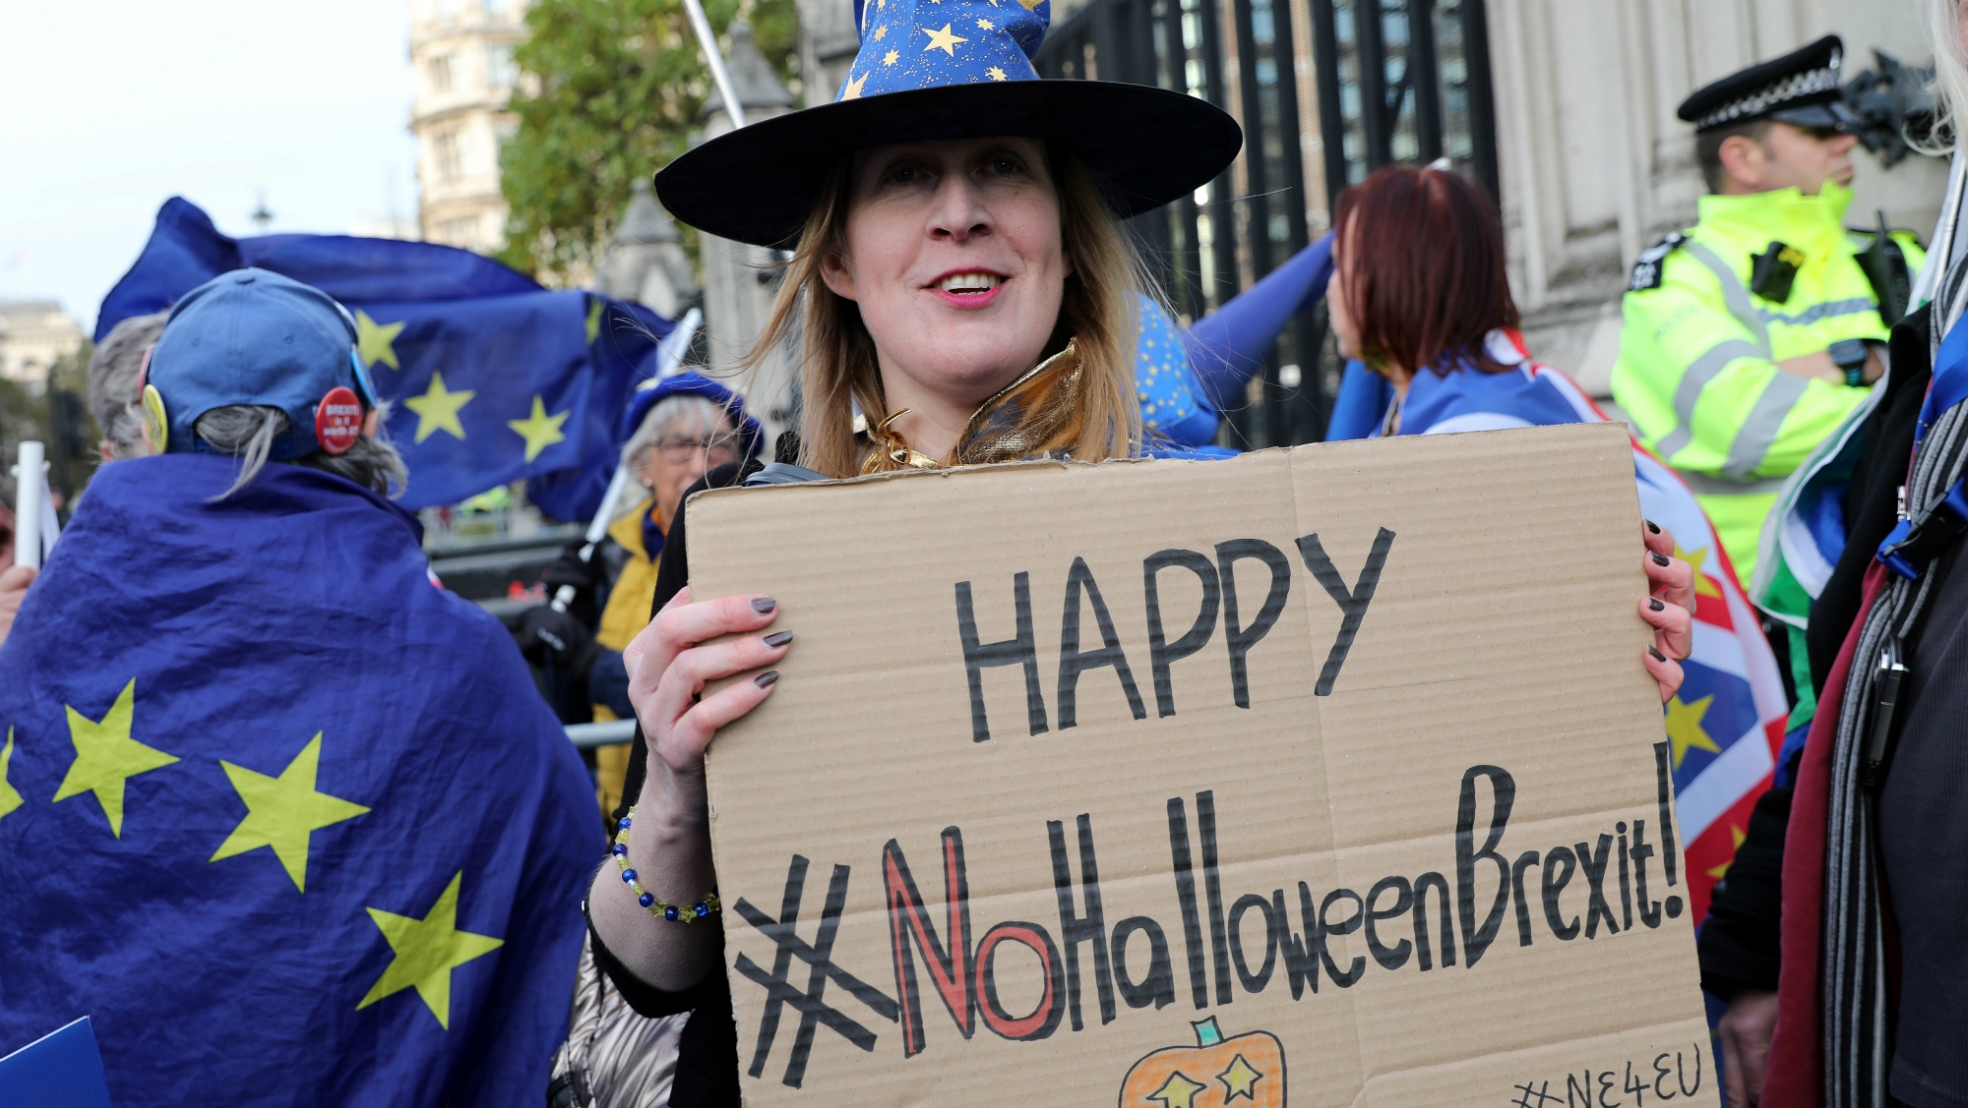 Happy No Holloween Brexit